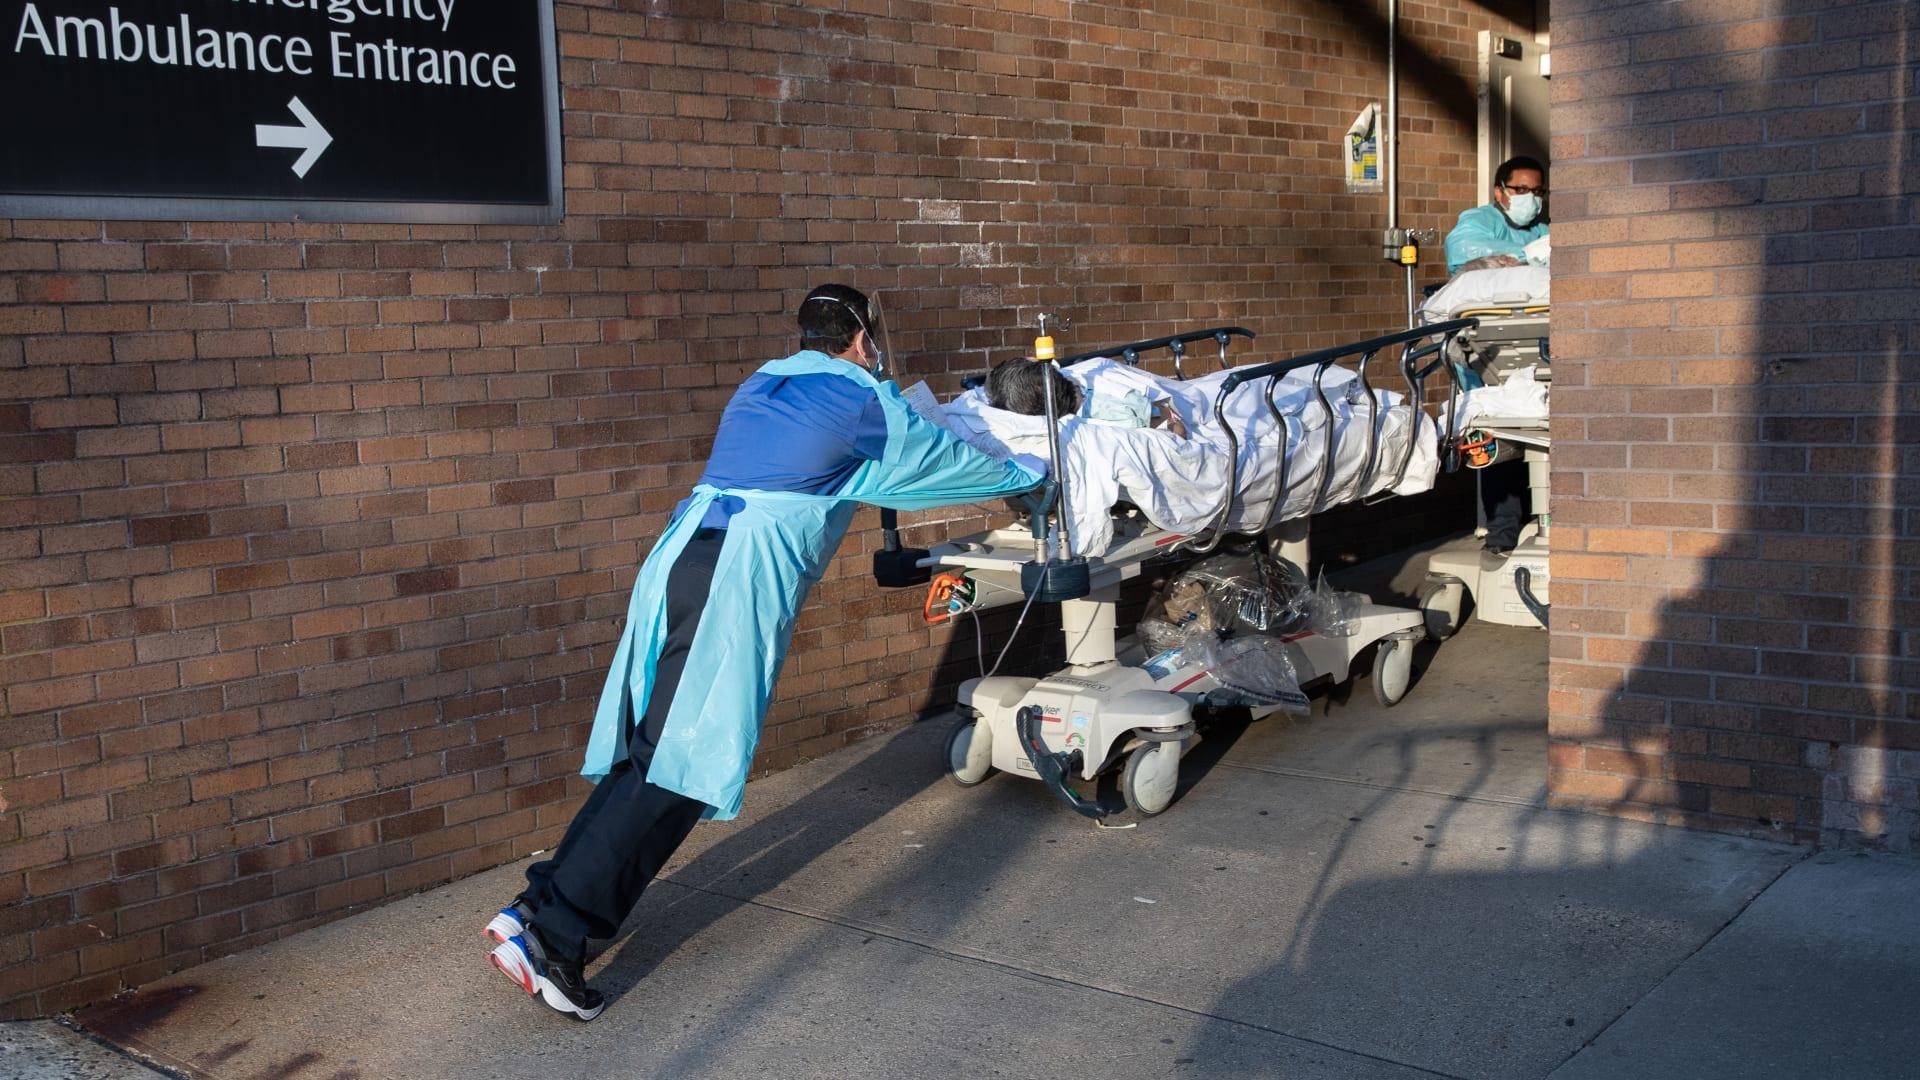 داخل غرفة الطوارئ.. معركة لا تصدق ضد فيروس كورونا في مستشفى بنيويورك